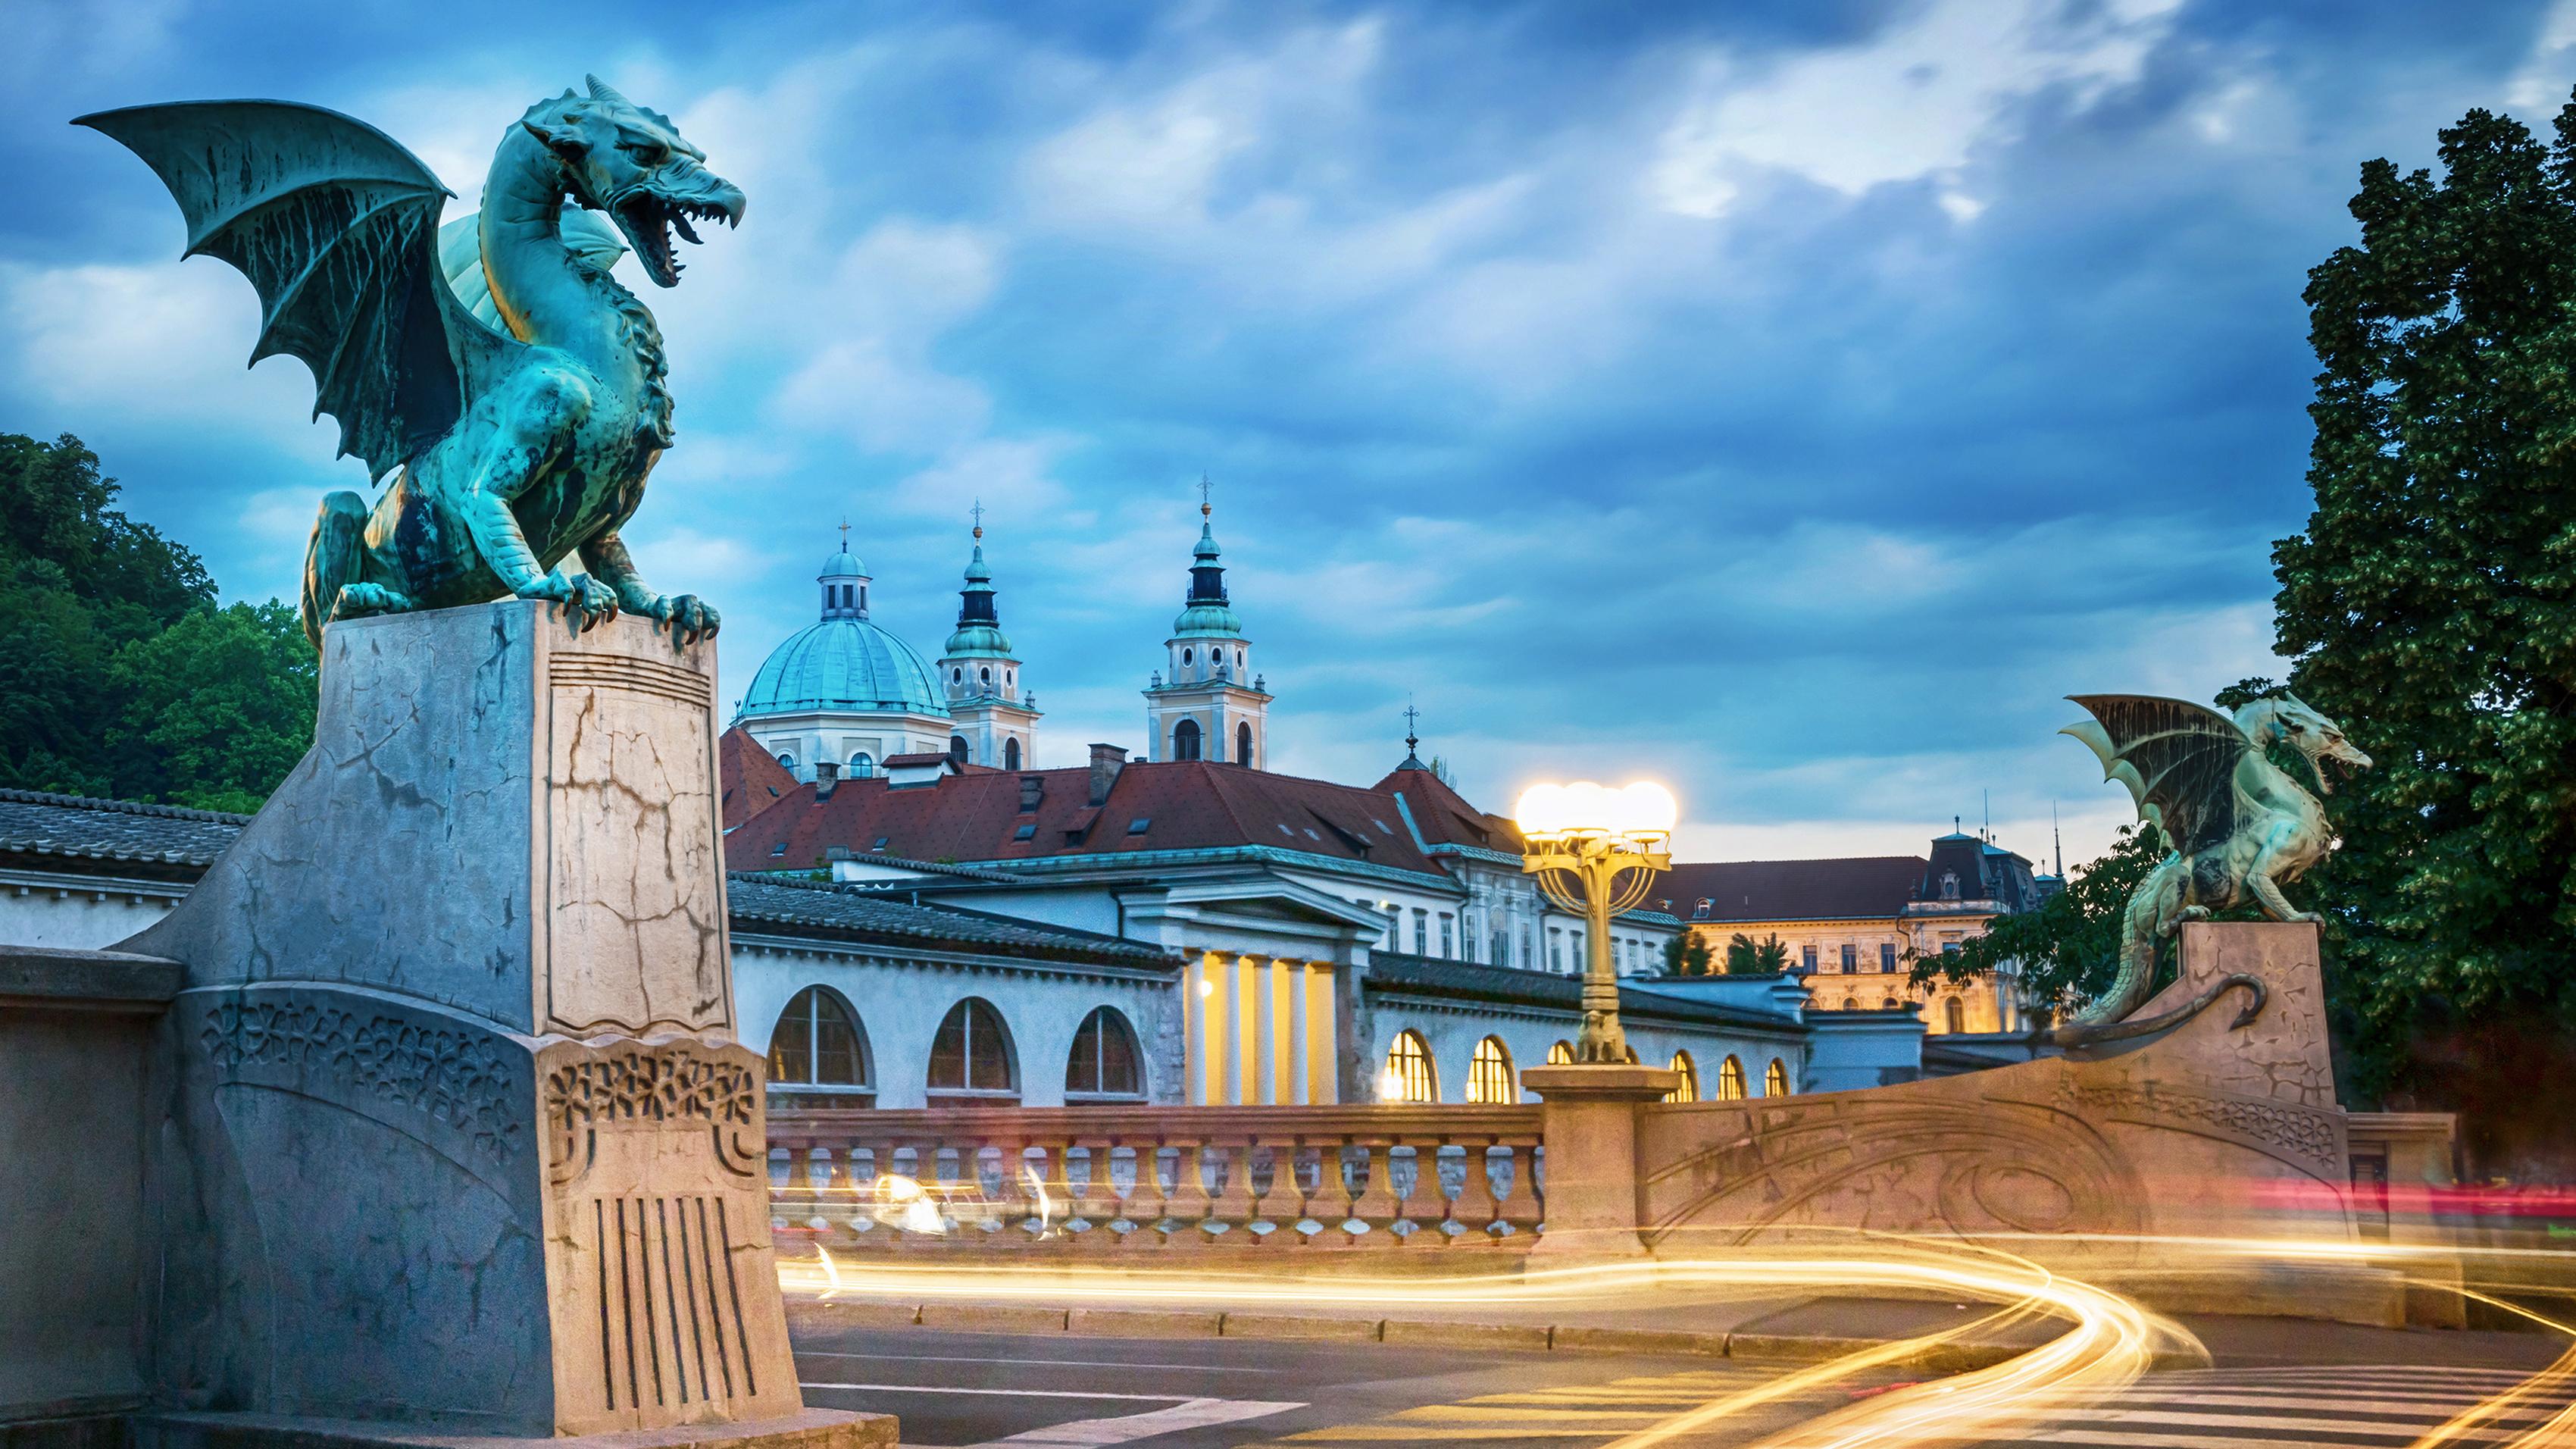 Мост дракона в Любляне, столице Словении, ПМЖ которой могут получить россияне, украинцы и белорусы